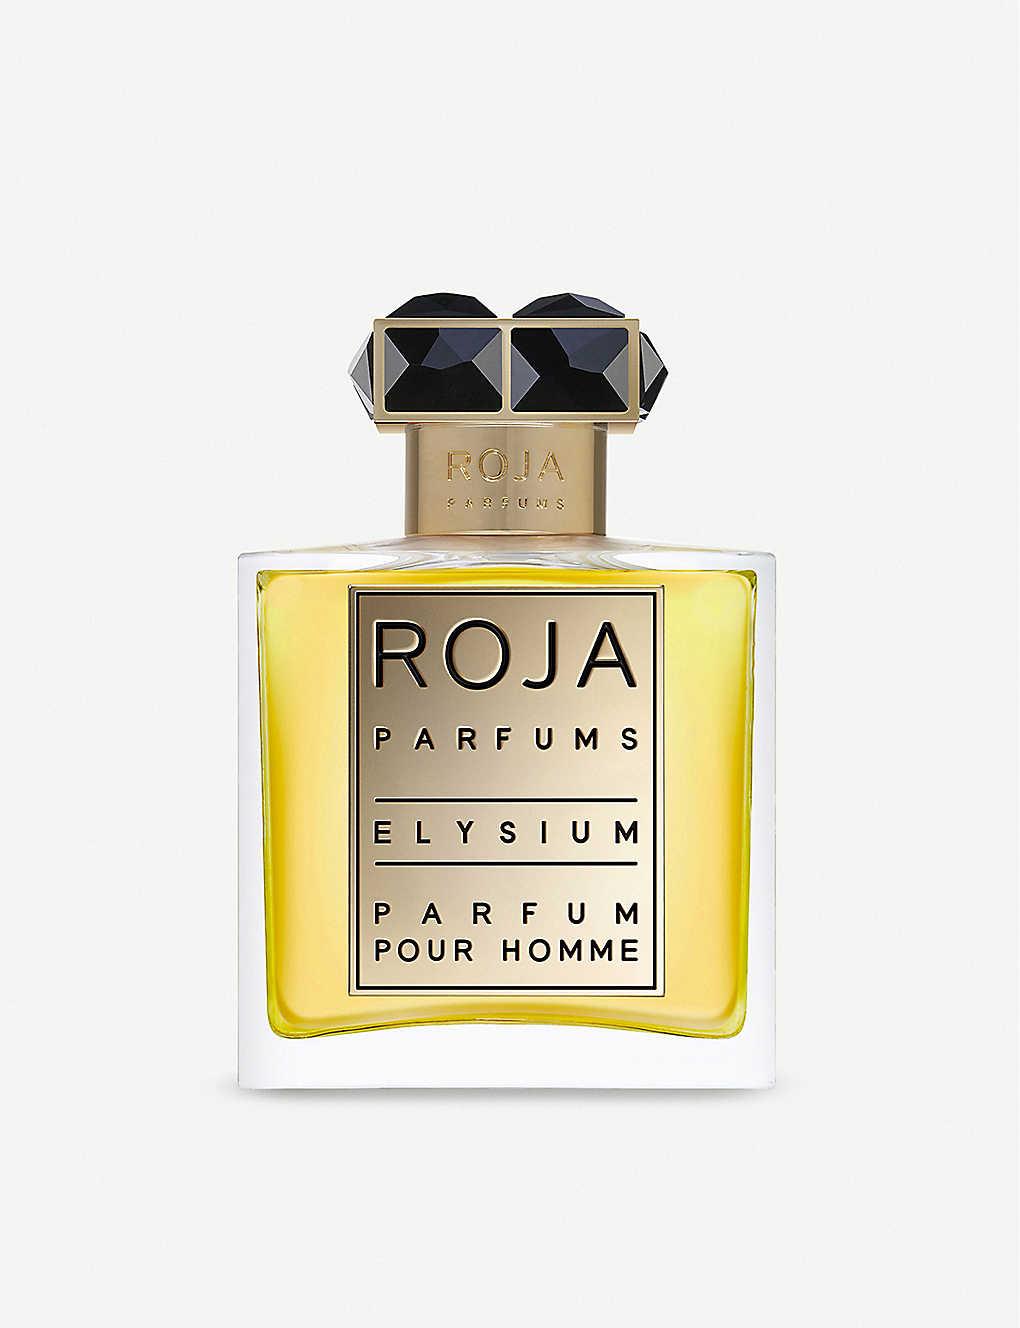 e01c75e21e6b ROJA PARFUMS - Elysium parfum pour homme 50ml | Selfridges.com